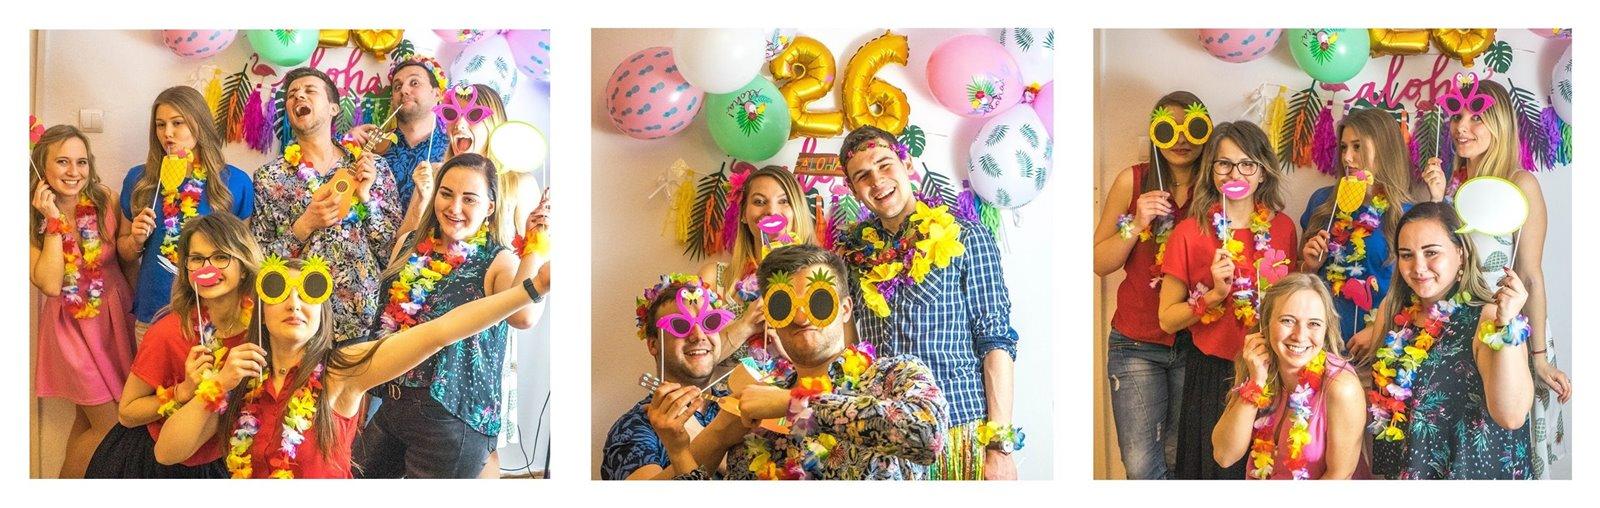 15a jak zorganizować atrakcje na urodziny imprezy dla dorosłych fotobudka diy pomysły na urodziny co zrobić atrakcje jedzenie zdjęcia pamiątki dodatki styl hawajski tematyczne urodziny imprezy